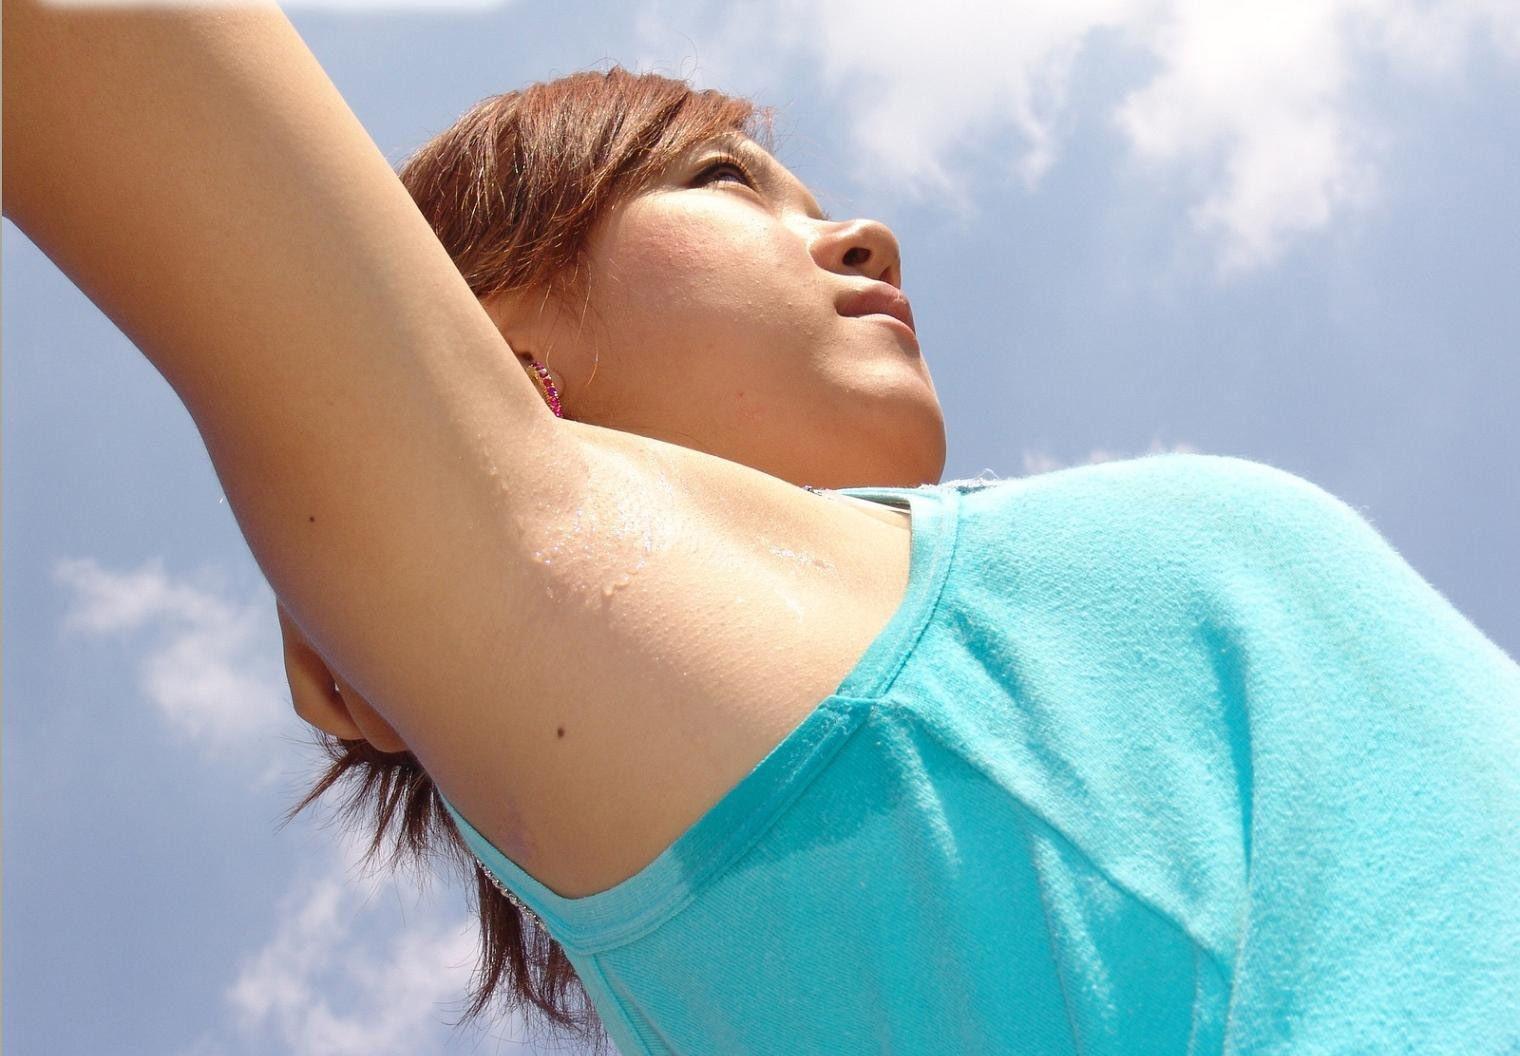 【腋フェチエロ画像】ある意味おっぱいを超える魅力が…綺麗な腋は舐り一択www 05